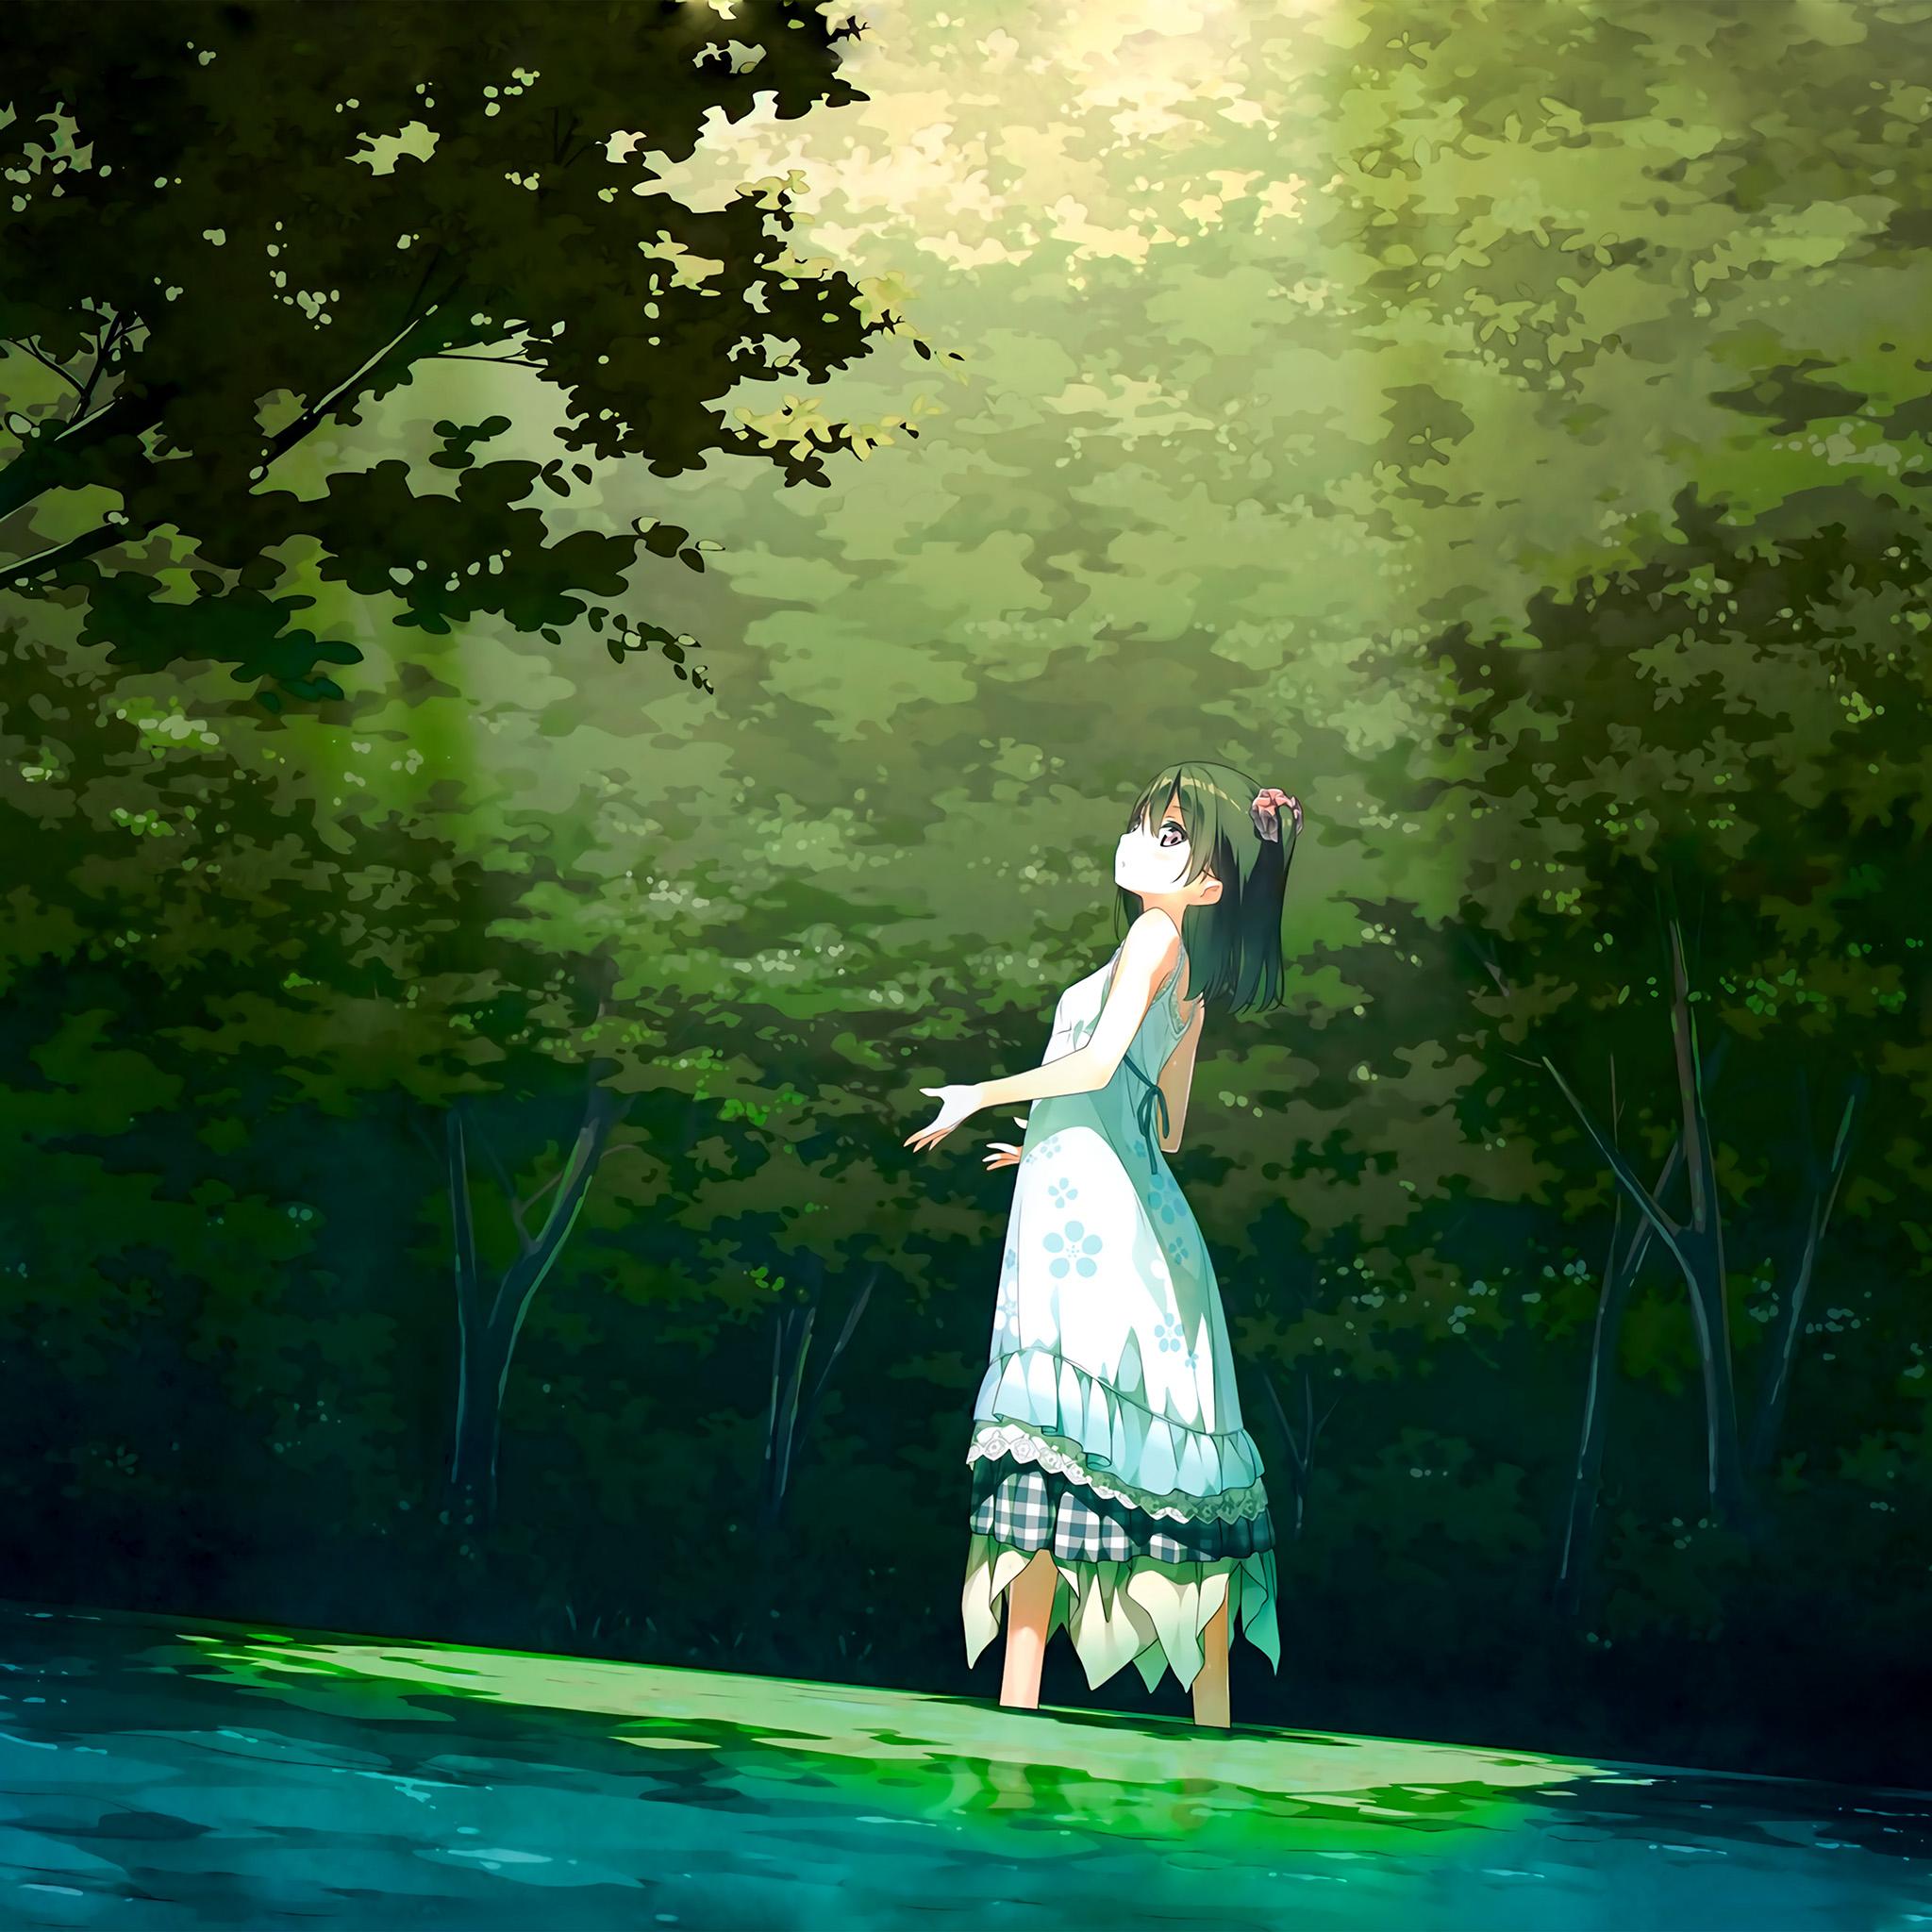 Girl Hd Desktop Wallpaper Be21 Anime Girl Green Art Illustration Wallpaper